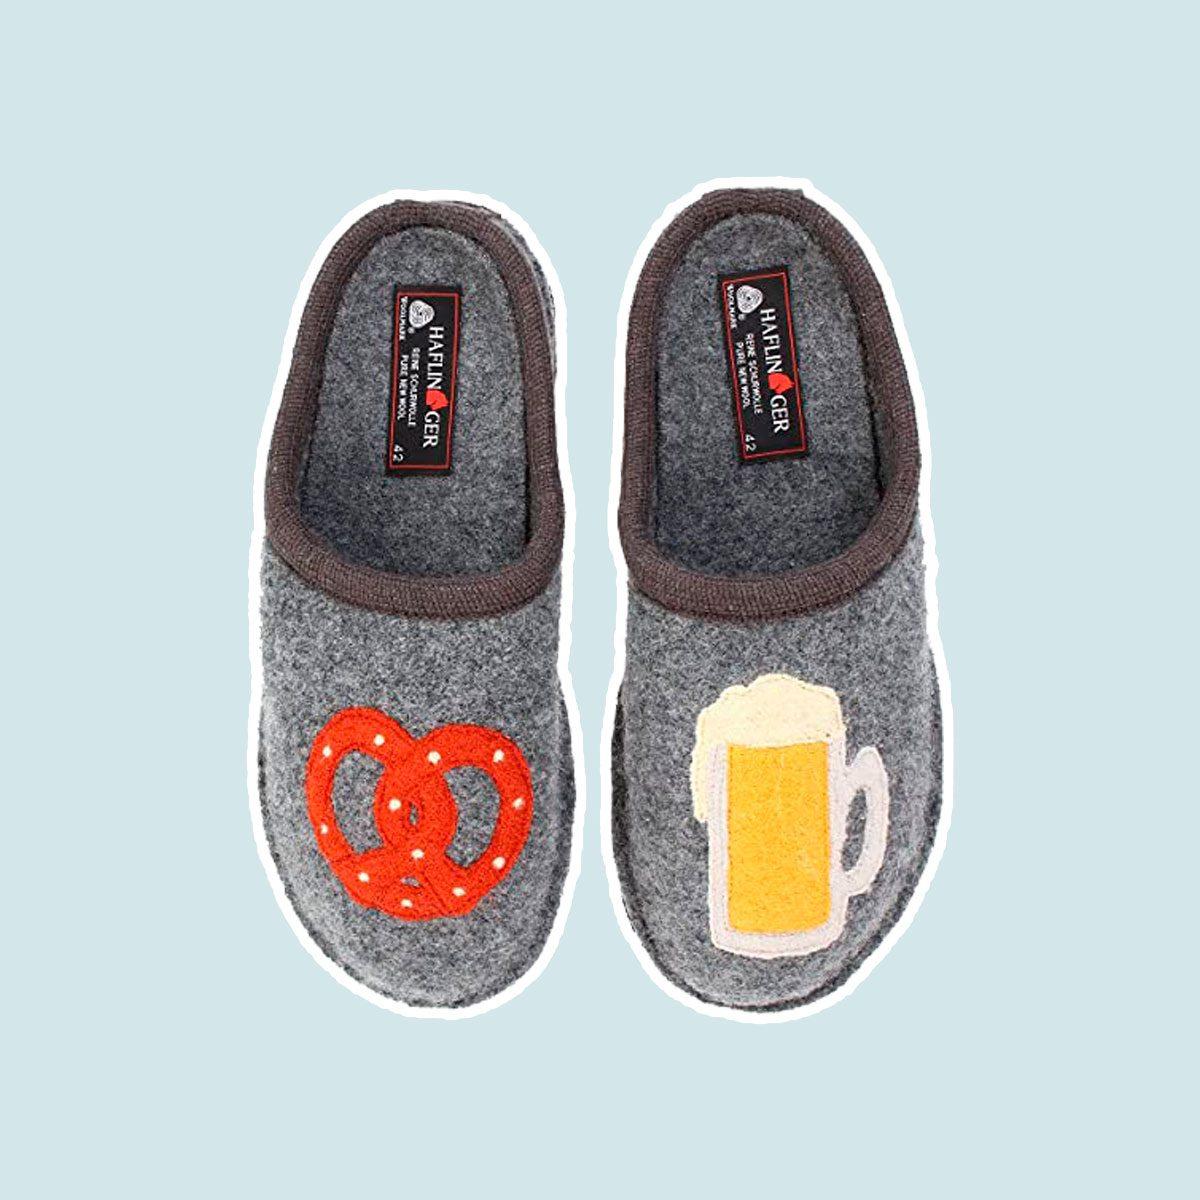 Beer & Pretzel Slippers